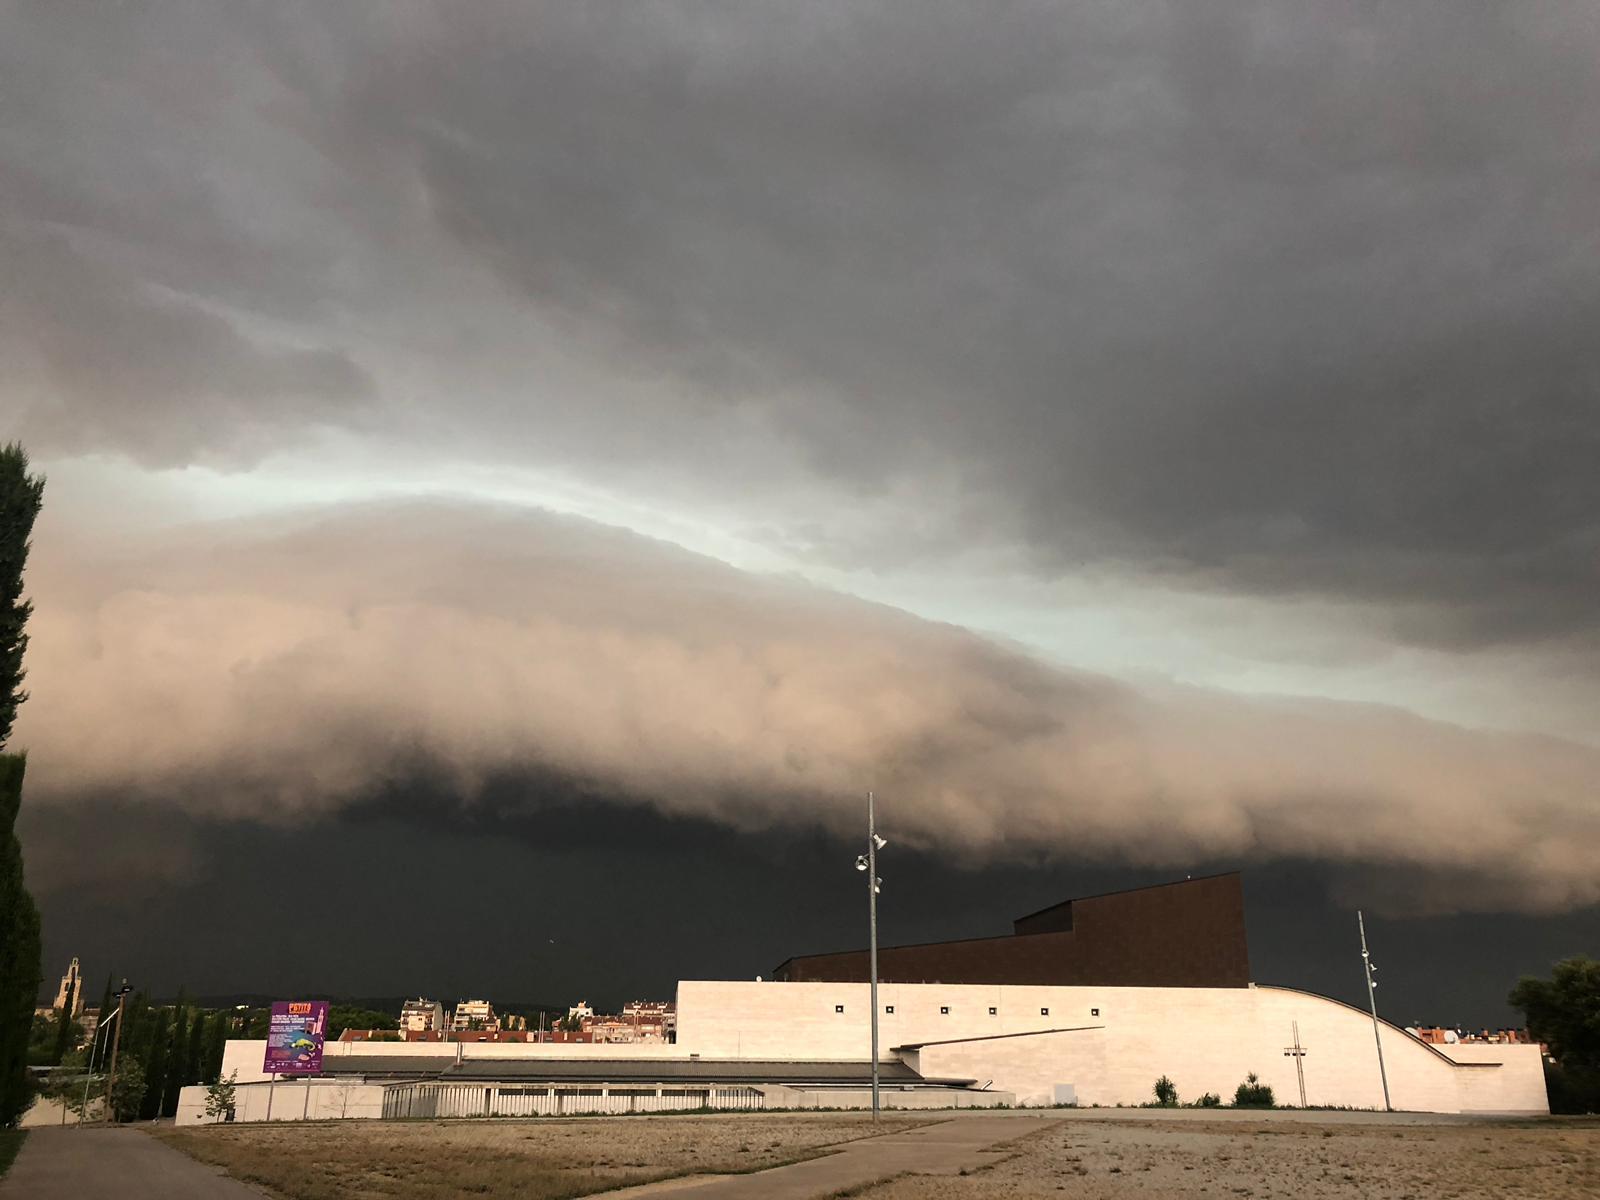 La tempesta arriba a Sant Cugat. Foto: Adripinto5.